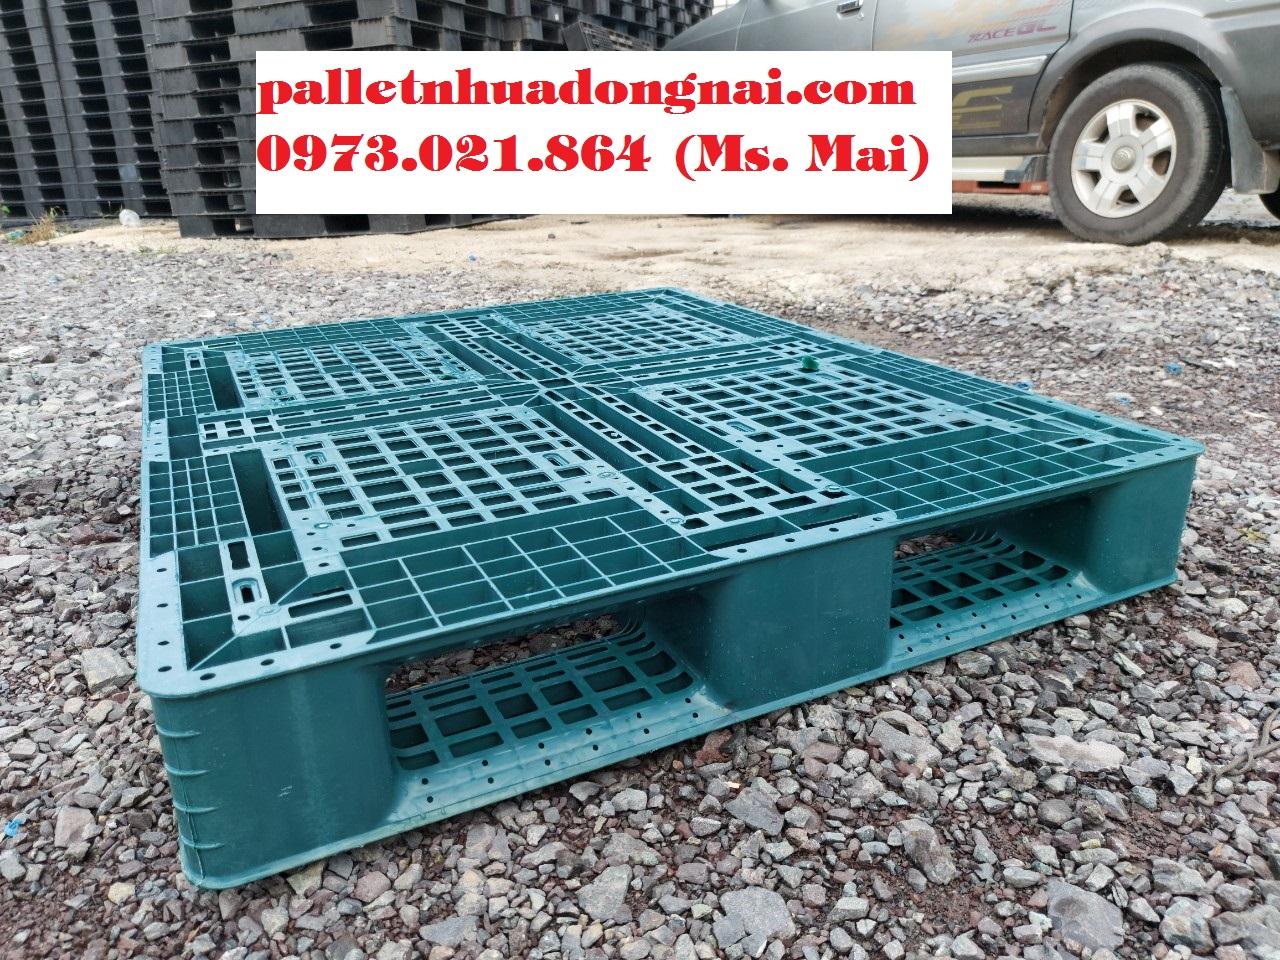 Pallet nhựa tại Hà Nội, chất lượng hàng đầu, giá rẻ cạnh tranh